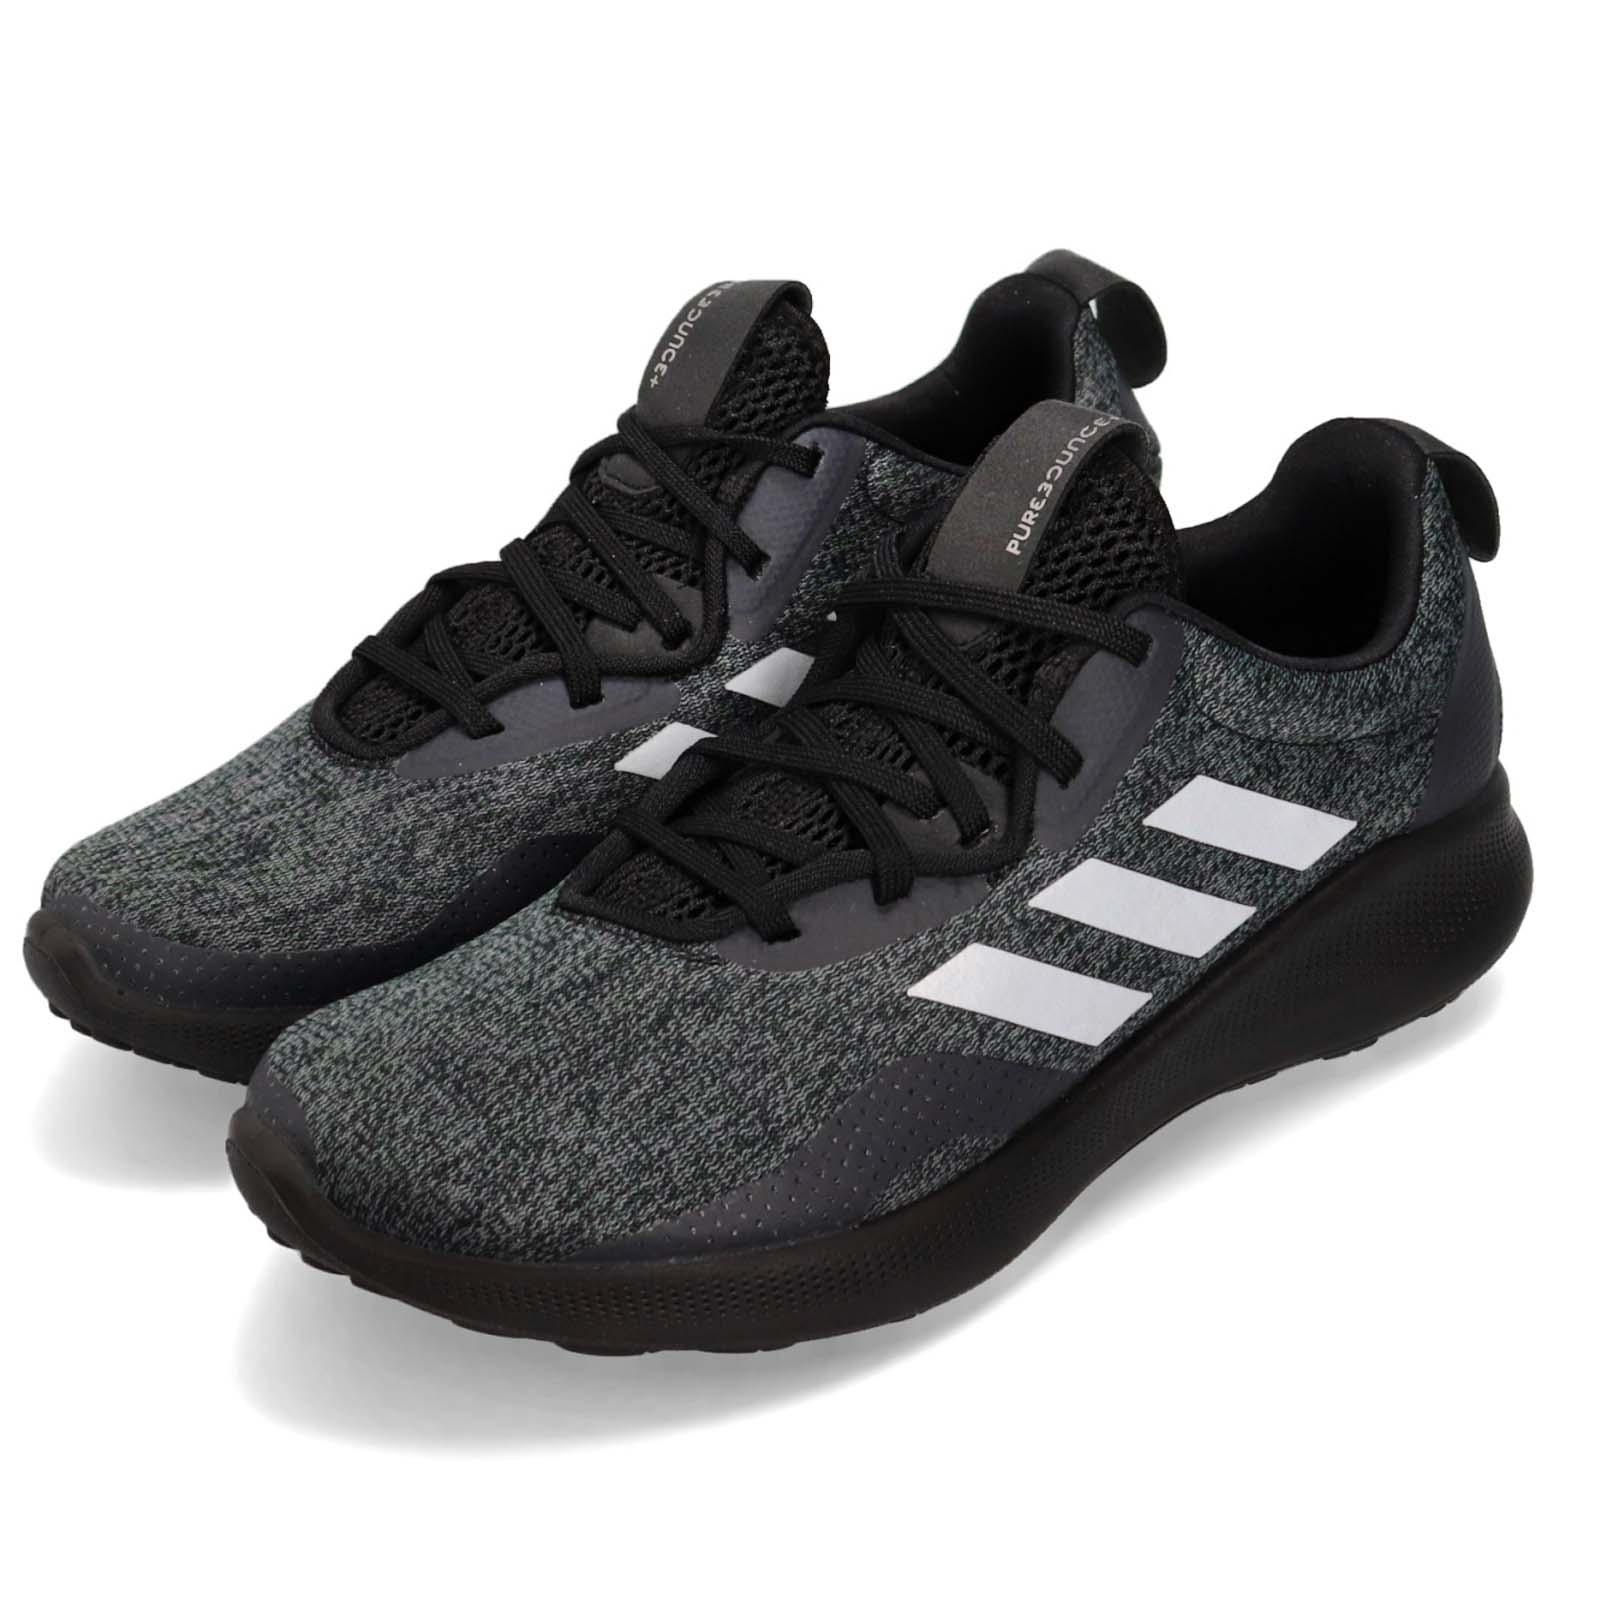 adidas 慢跑鞋 Purebounce Street 女鞋 BC1031